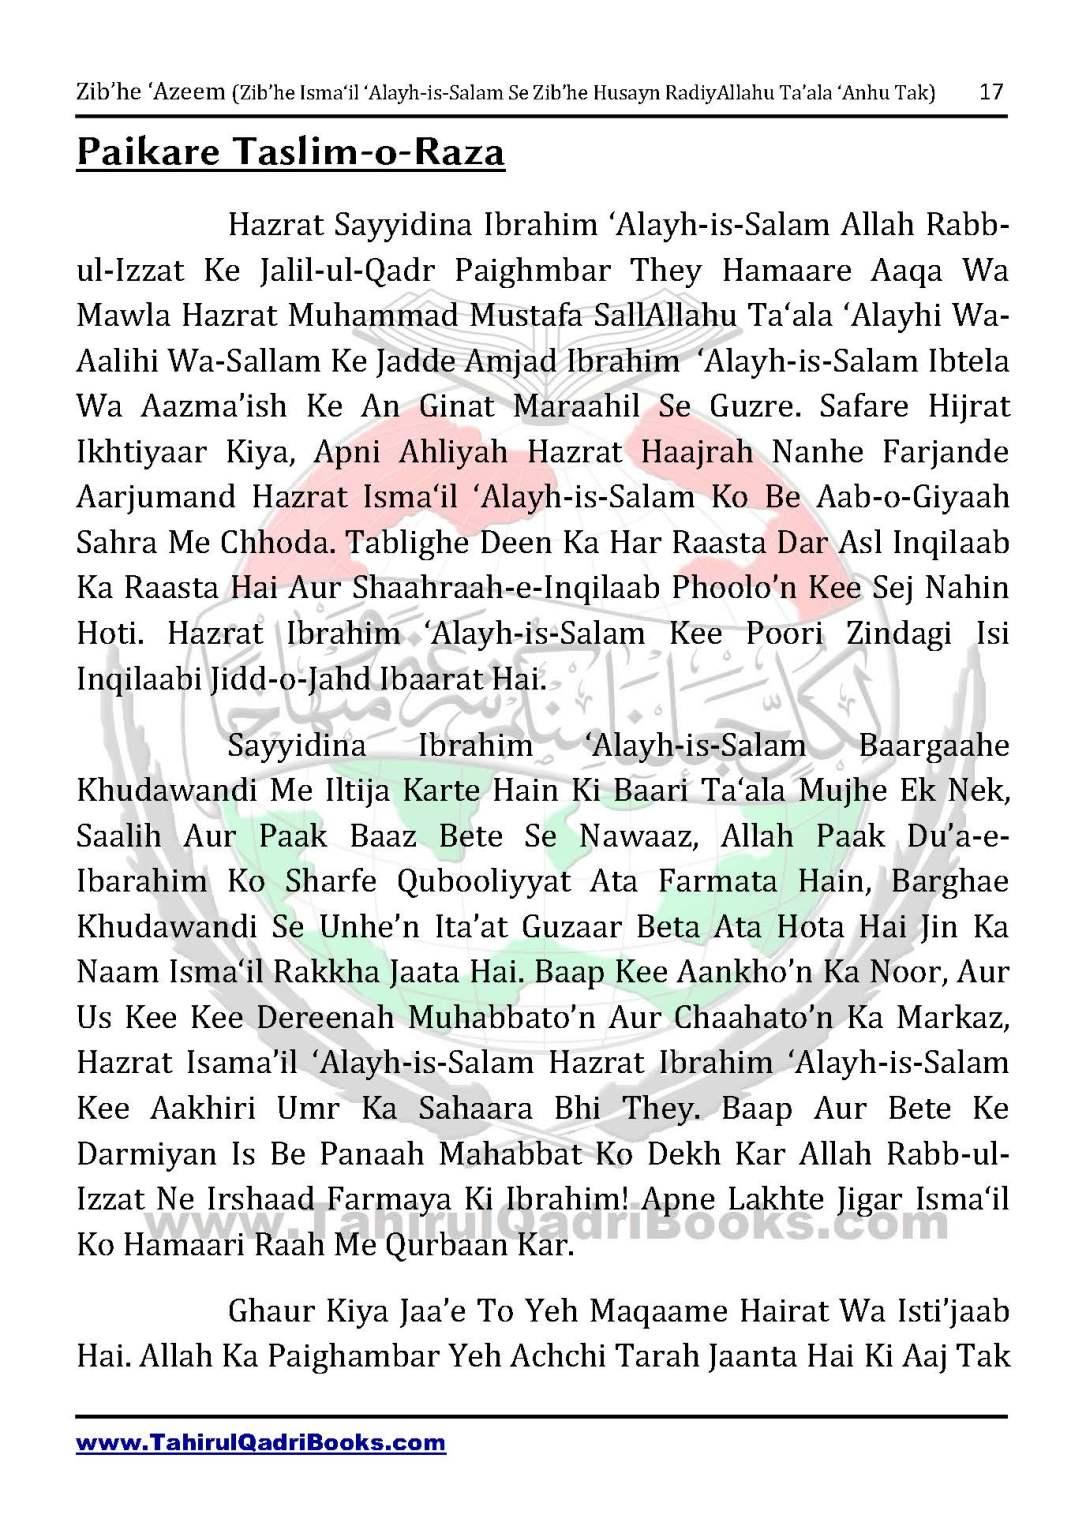 zib_he-e28098azeem-zib_he-ismacabbil-se-zib_he-husayn-tak-in-roman-urdu-unlocked_Page_017